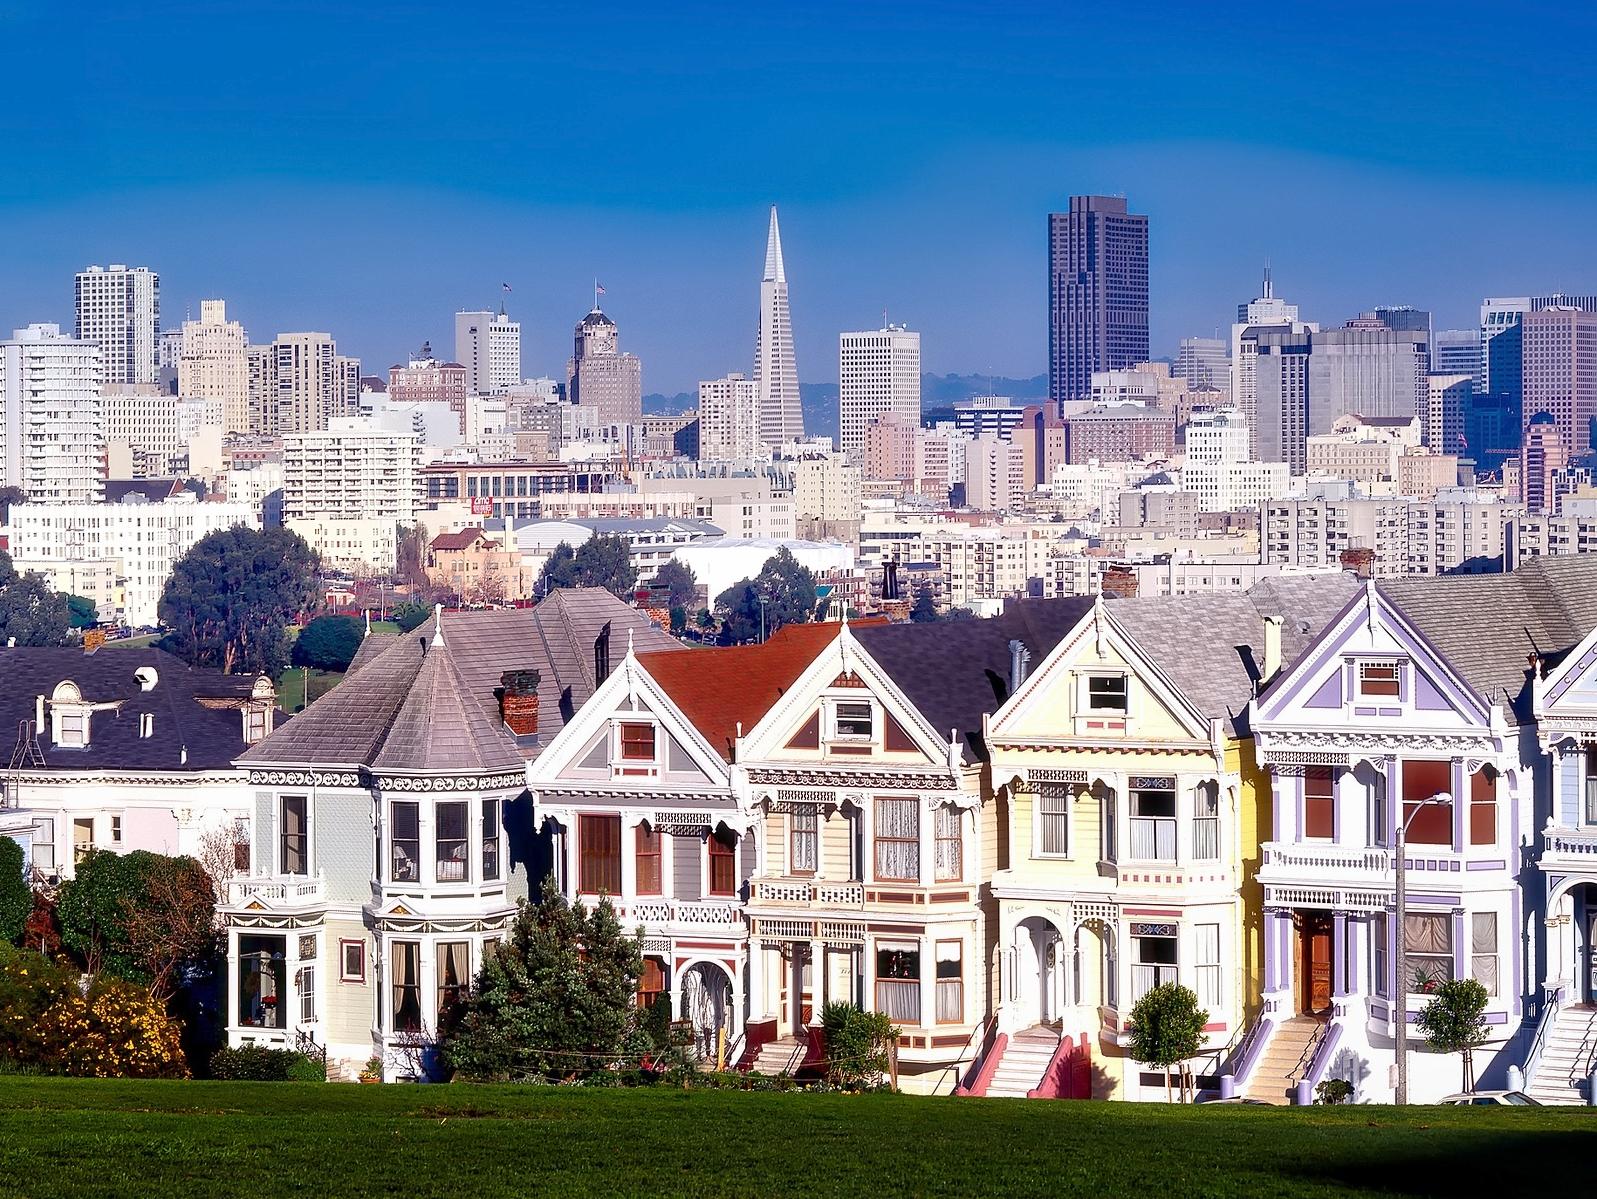 San Francisco - The Paintet Ladies - USA Rundreise - Roadtrip - Reisebericht - Travel Diary - Fashionladyloves